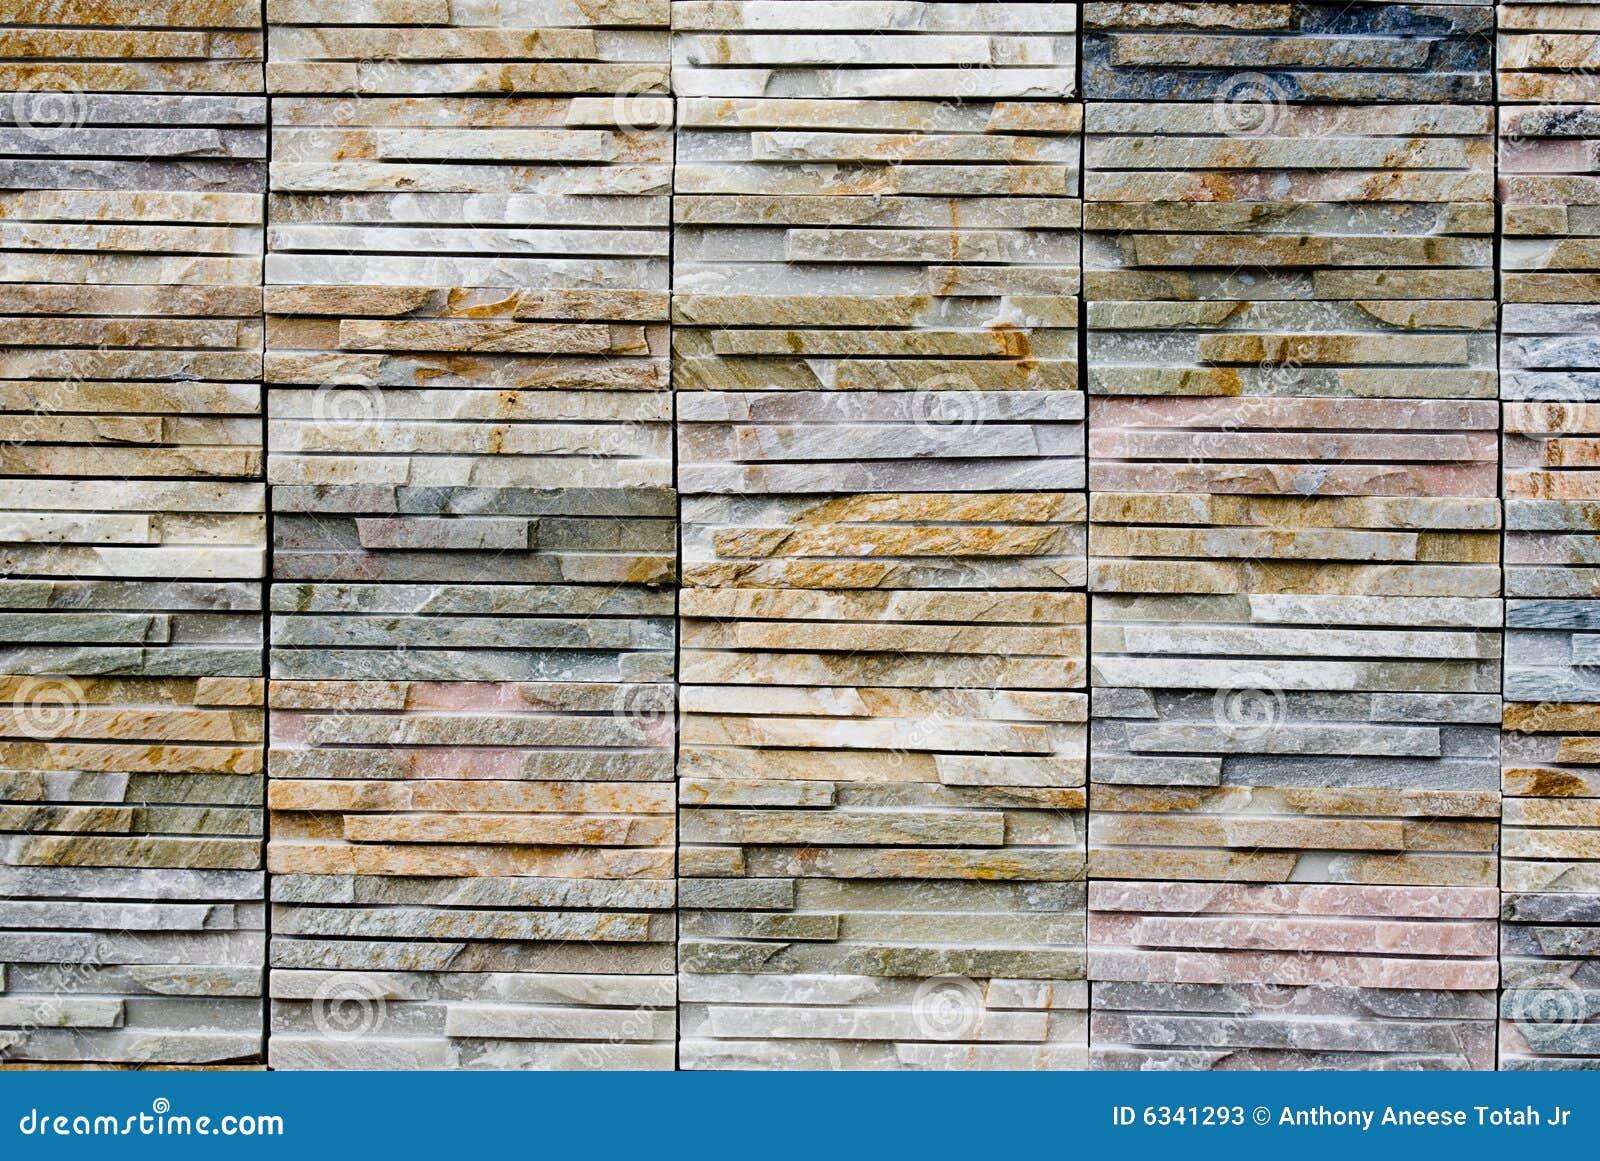 Mattonelle Di Marmo Fotografie Stock - Immagine: 6341293